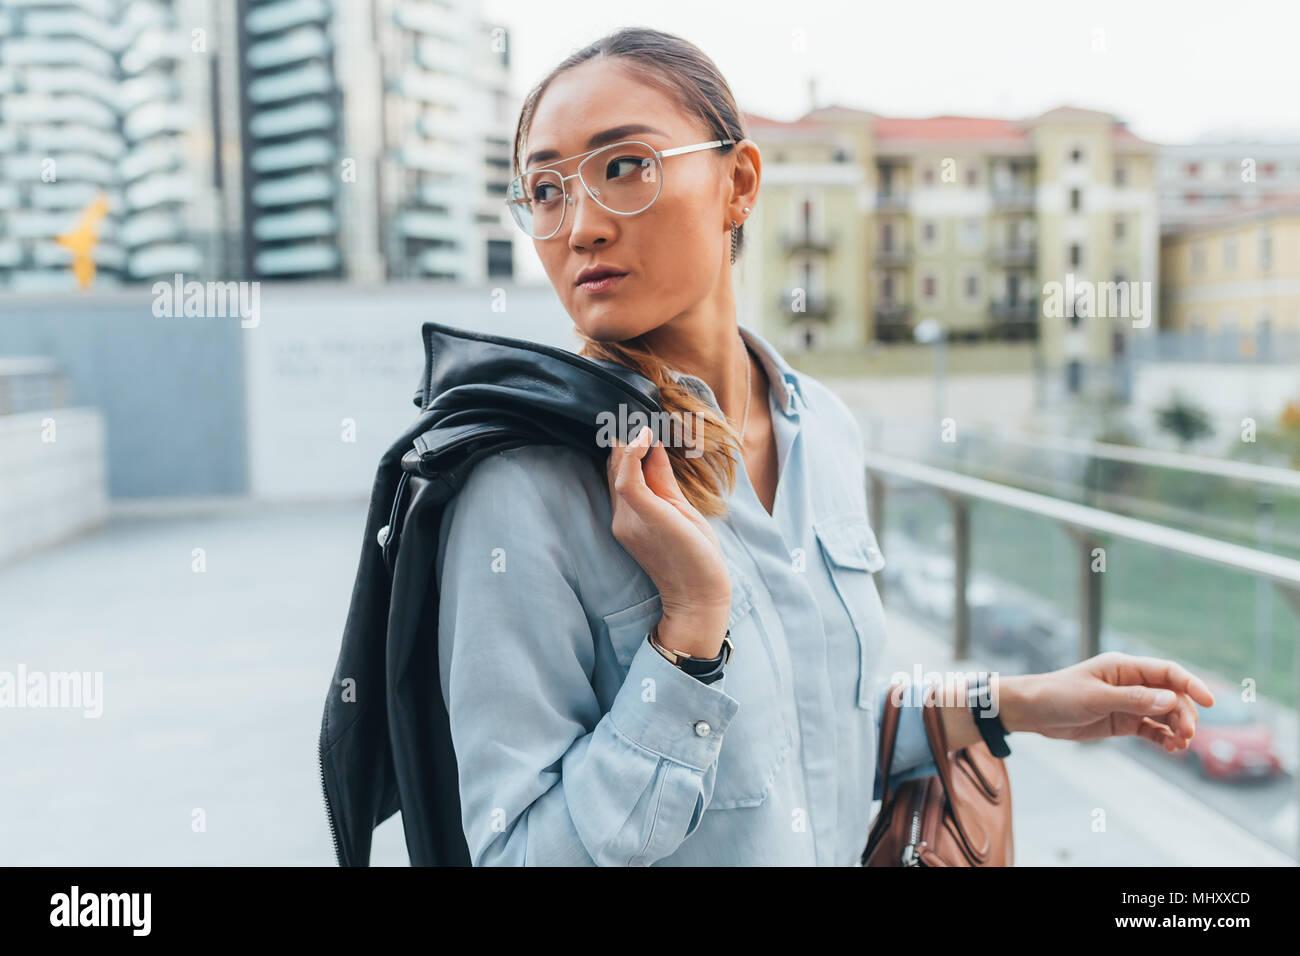 Ritratto di imprenditrice all'aperto portando, giacca di pelle sulla spalla, guardando lontano, pensieroso expression Immagini Stock